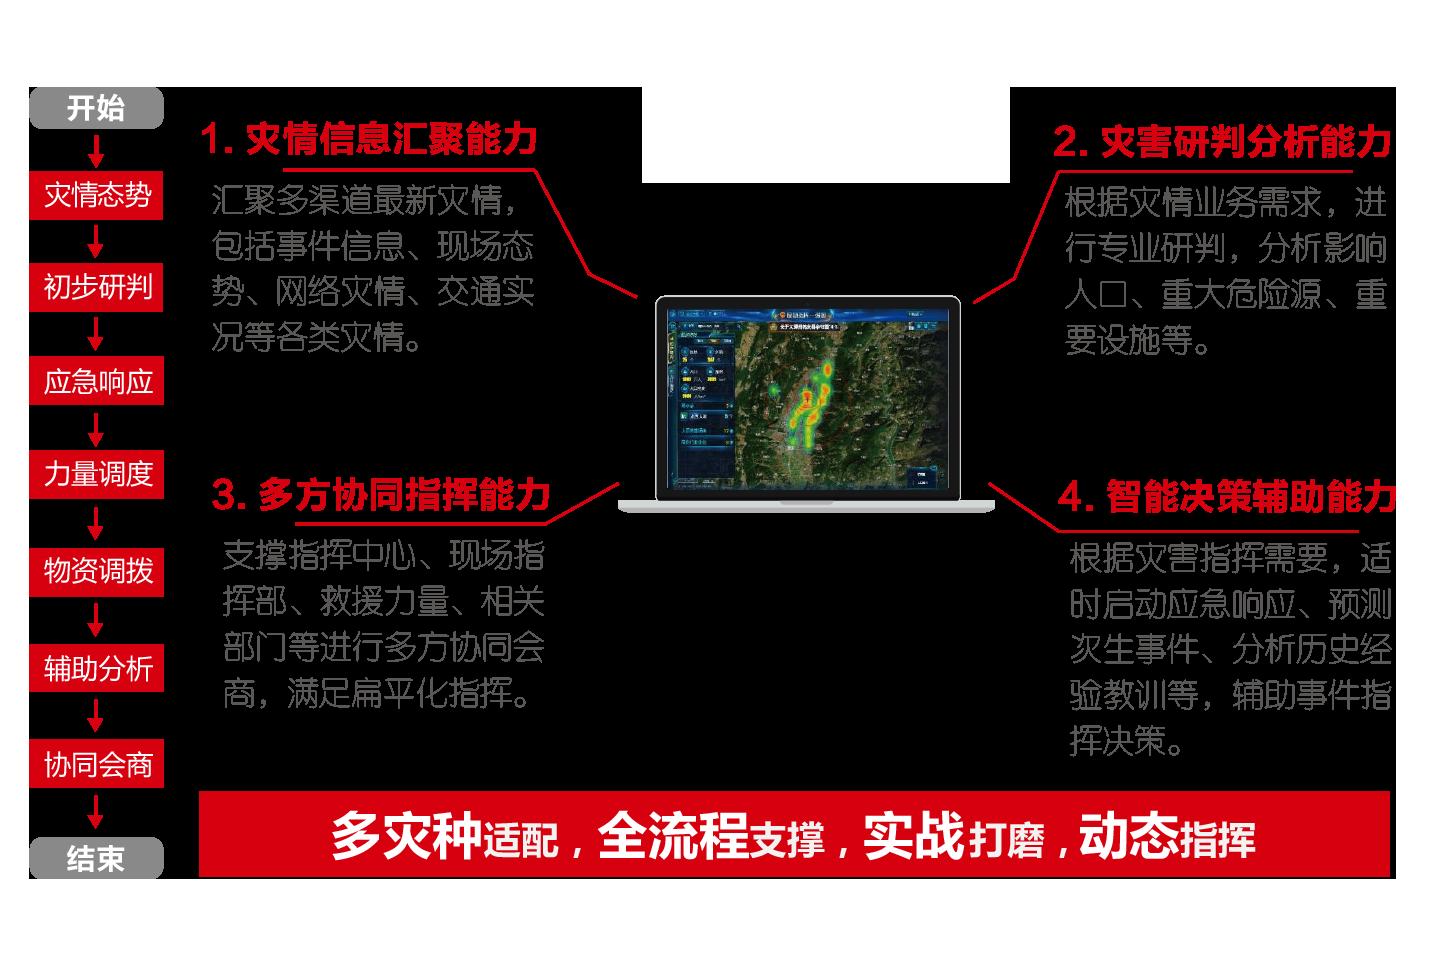 应急实战指挥平台(应急指挥一张图)